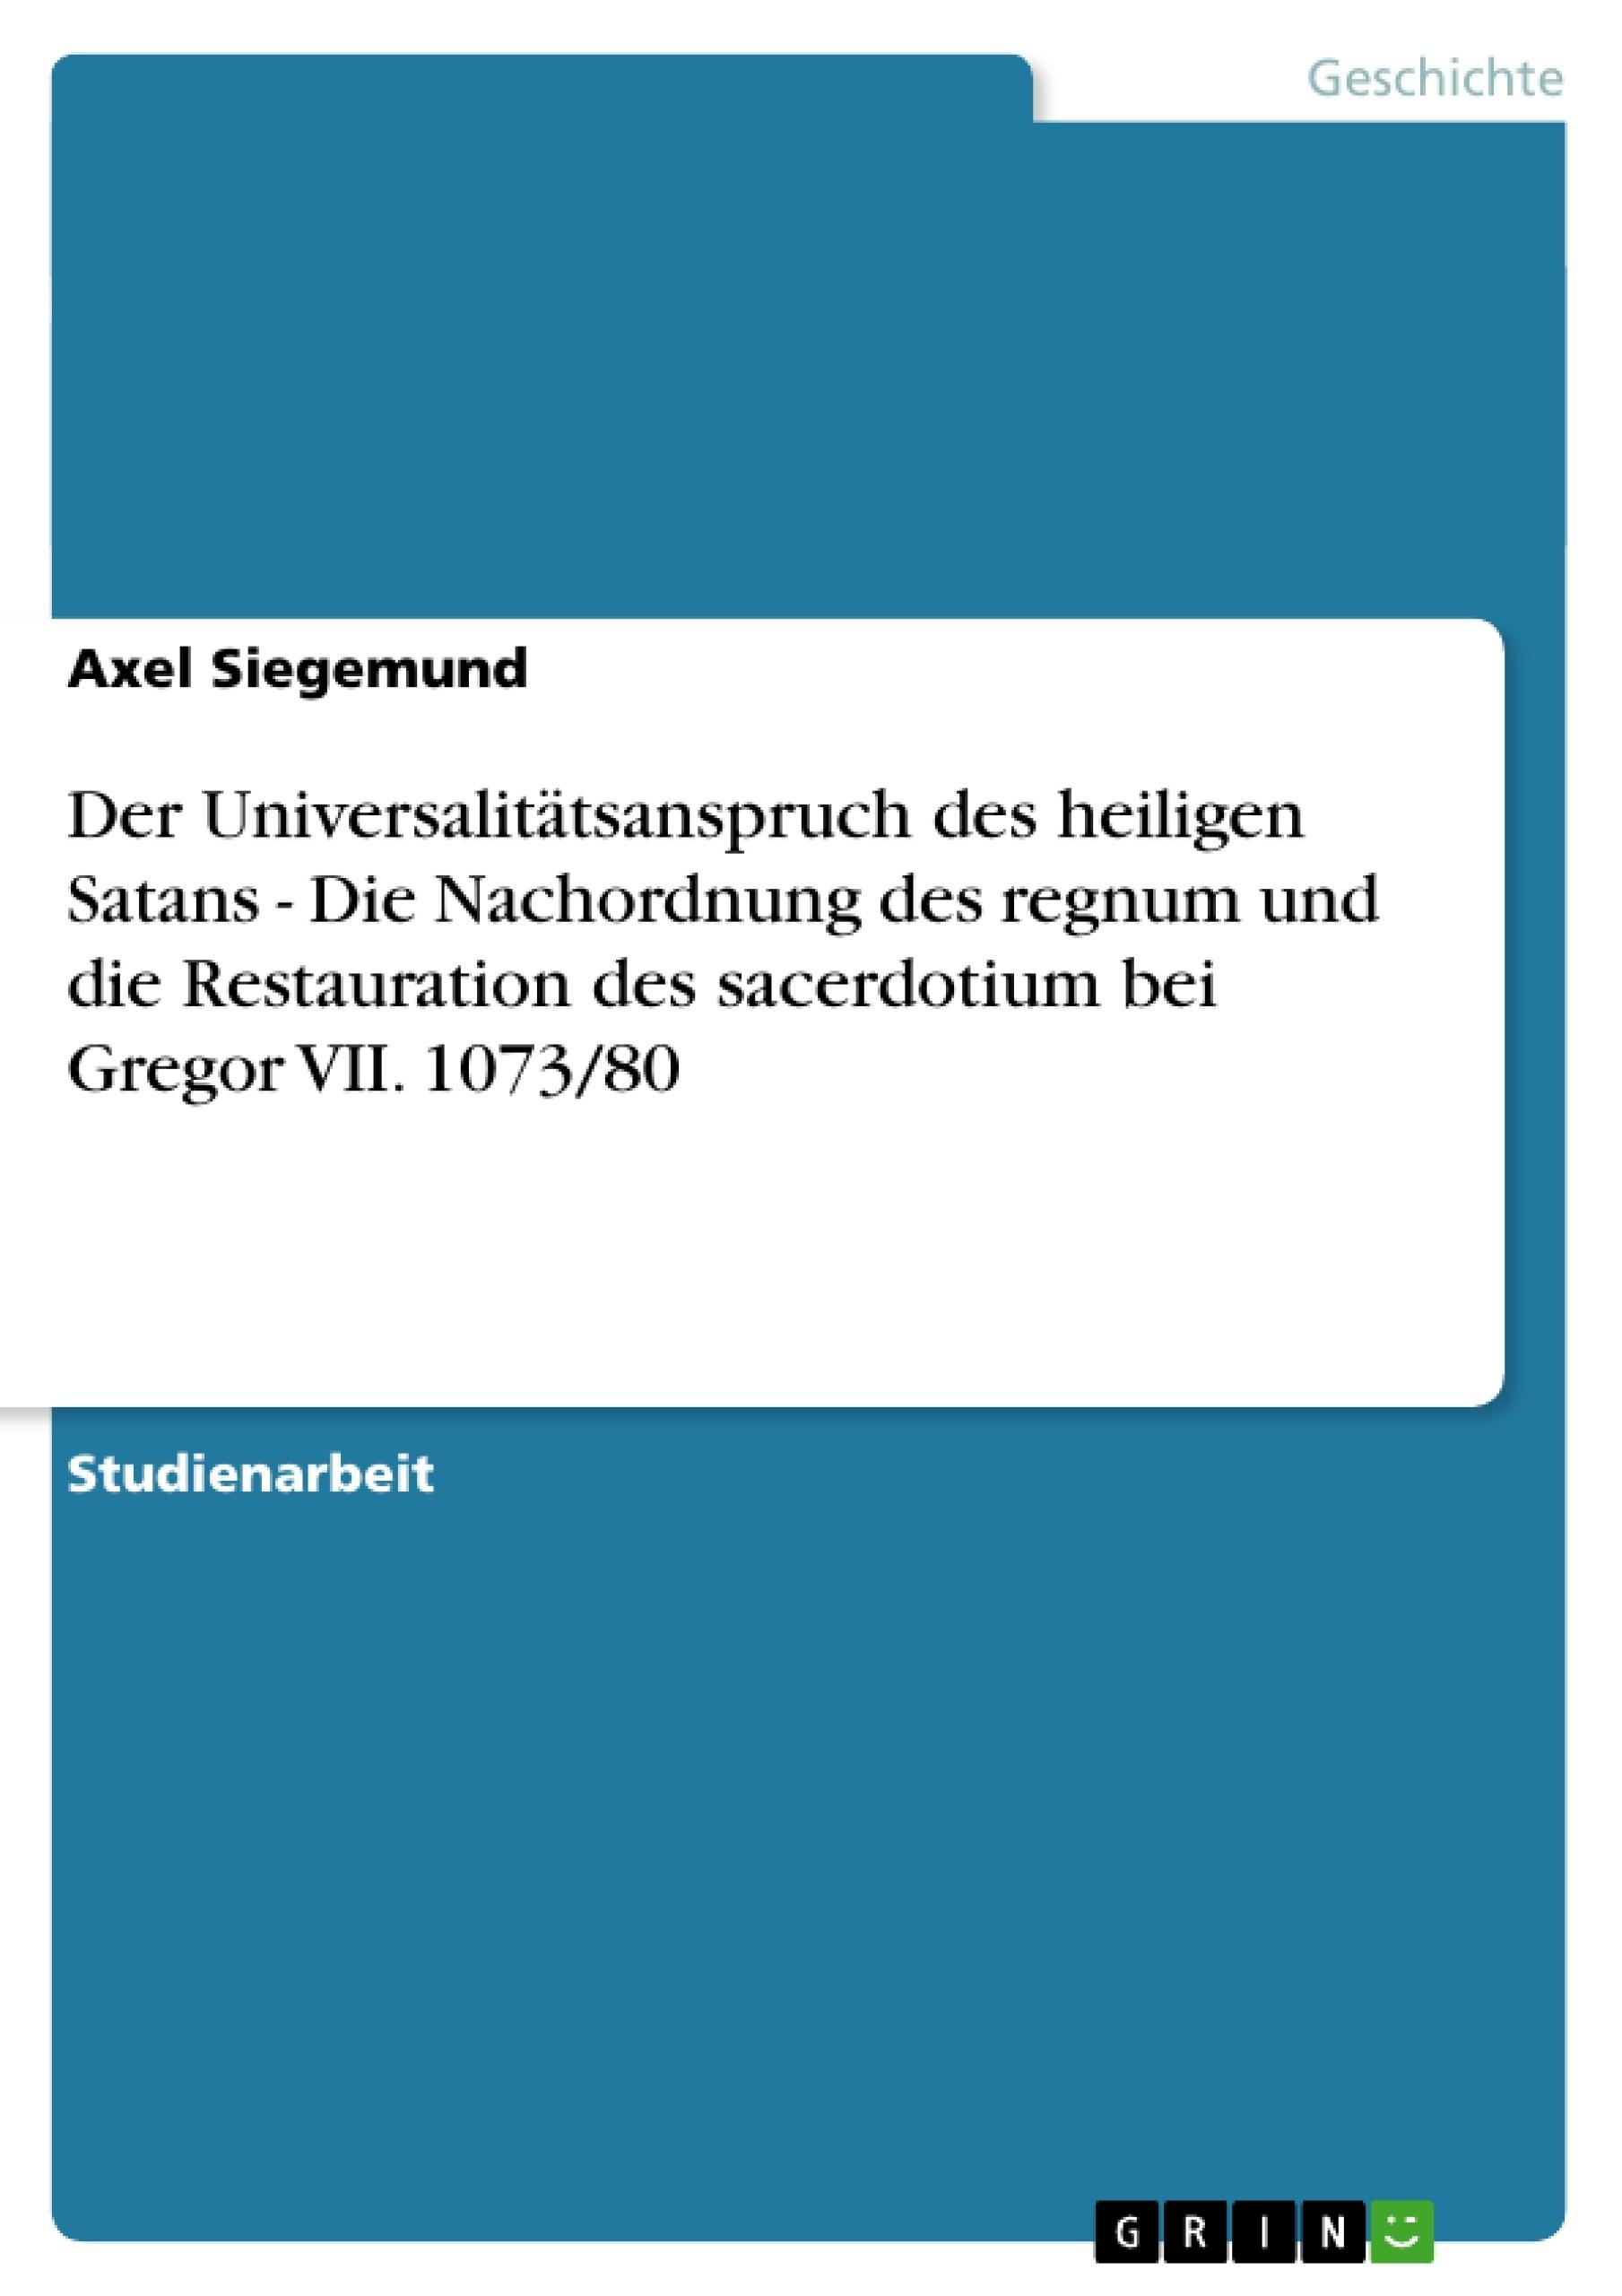 Titel: Der Universalitätsanspruch des heiligen Satans - Die Nachordnung des regnum und die Restauration des sacerdotium bei Gregor VII. 1073/80